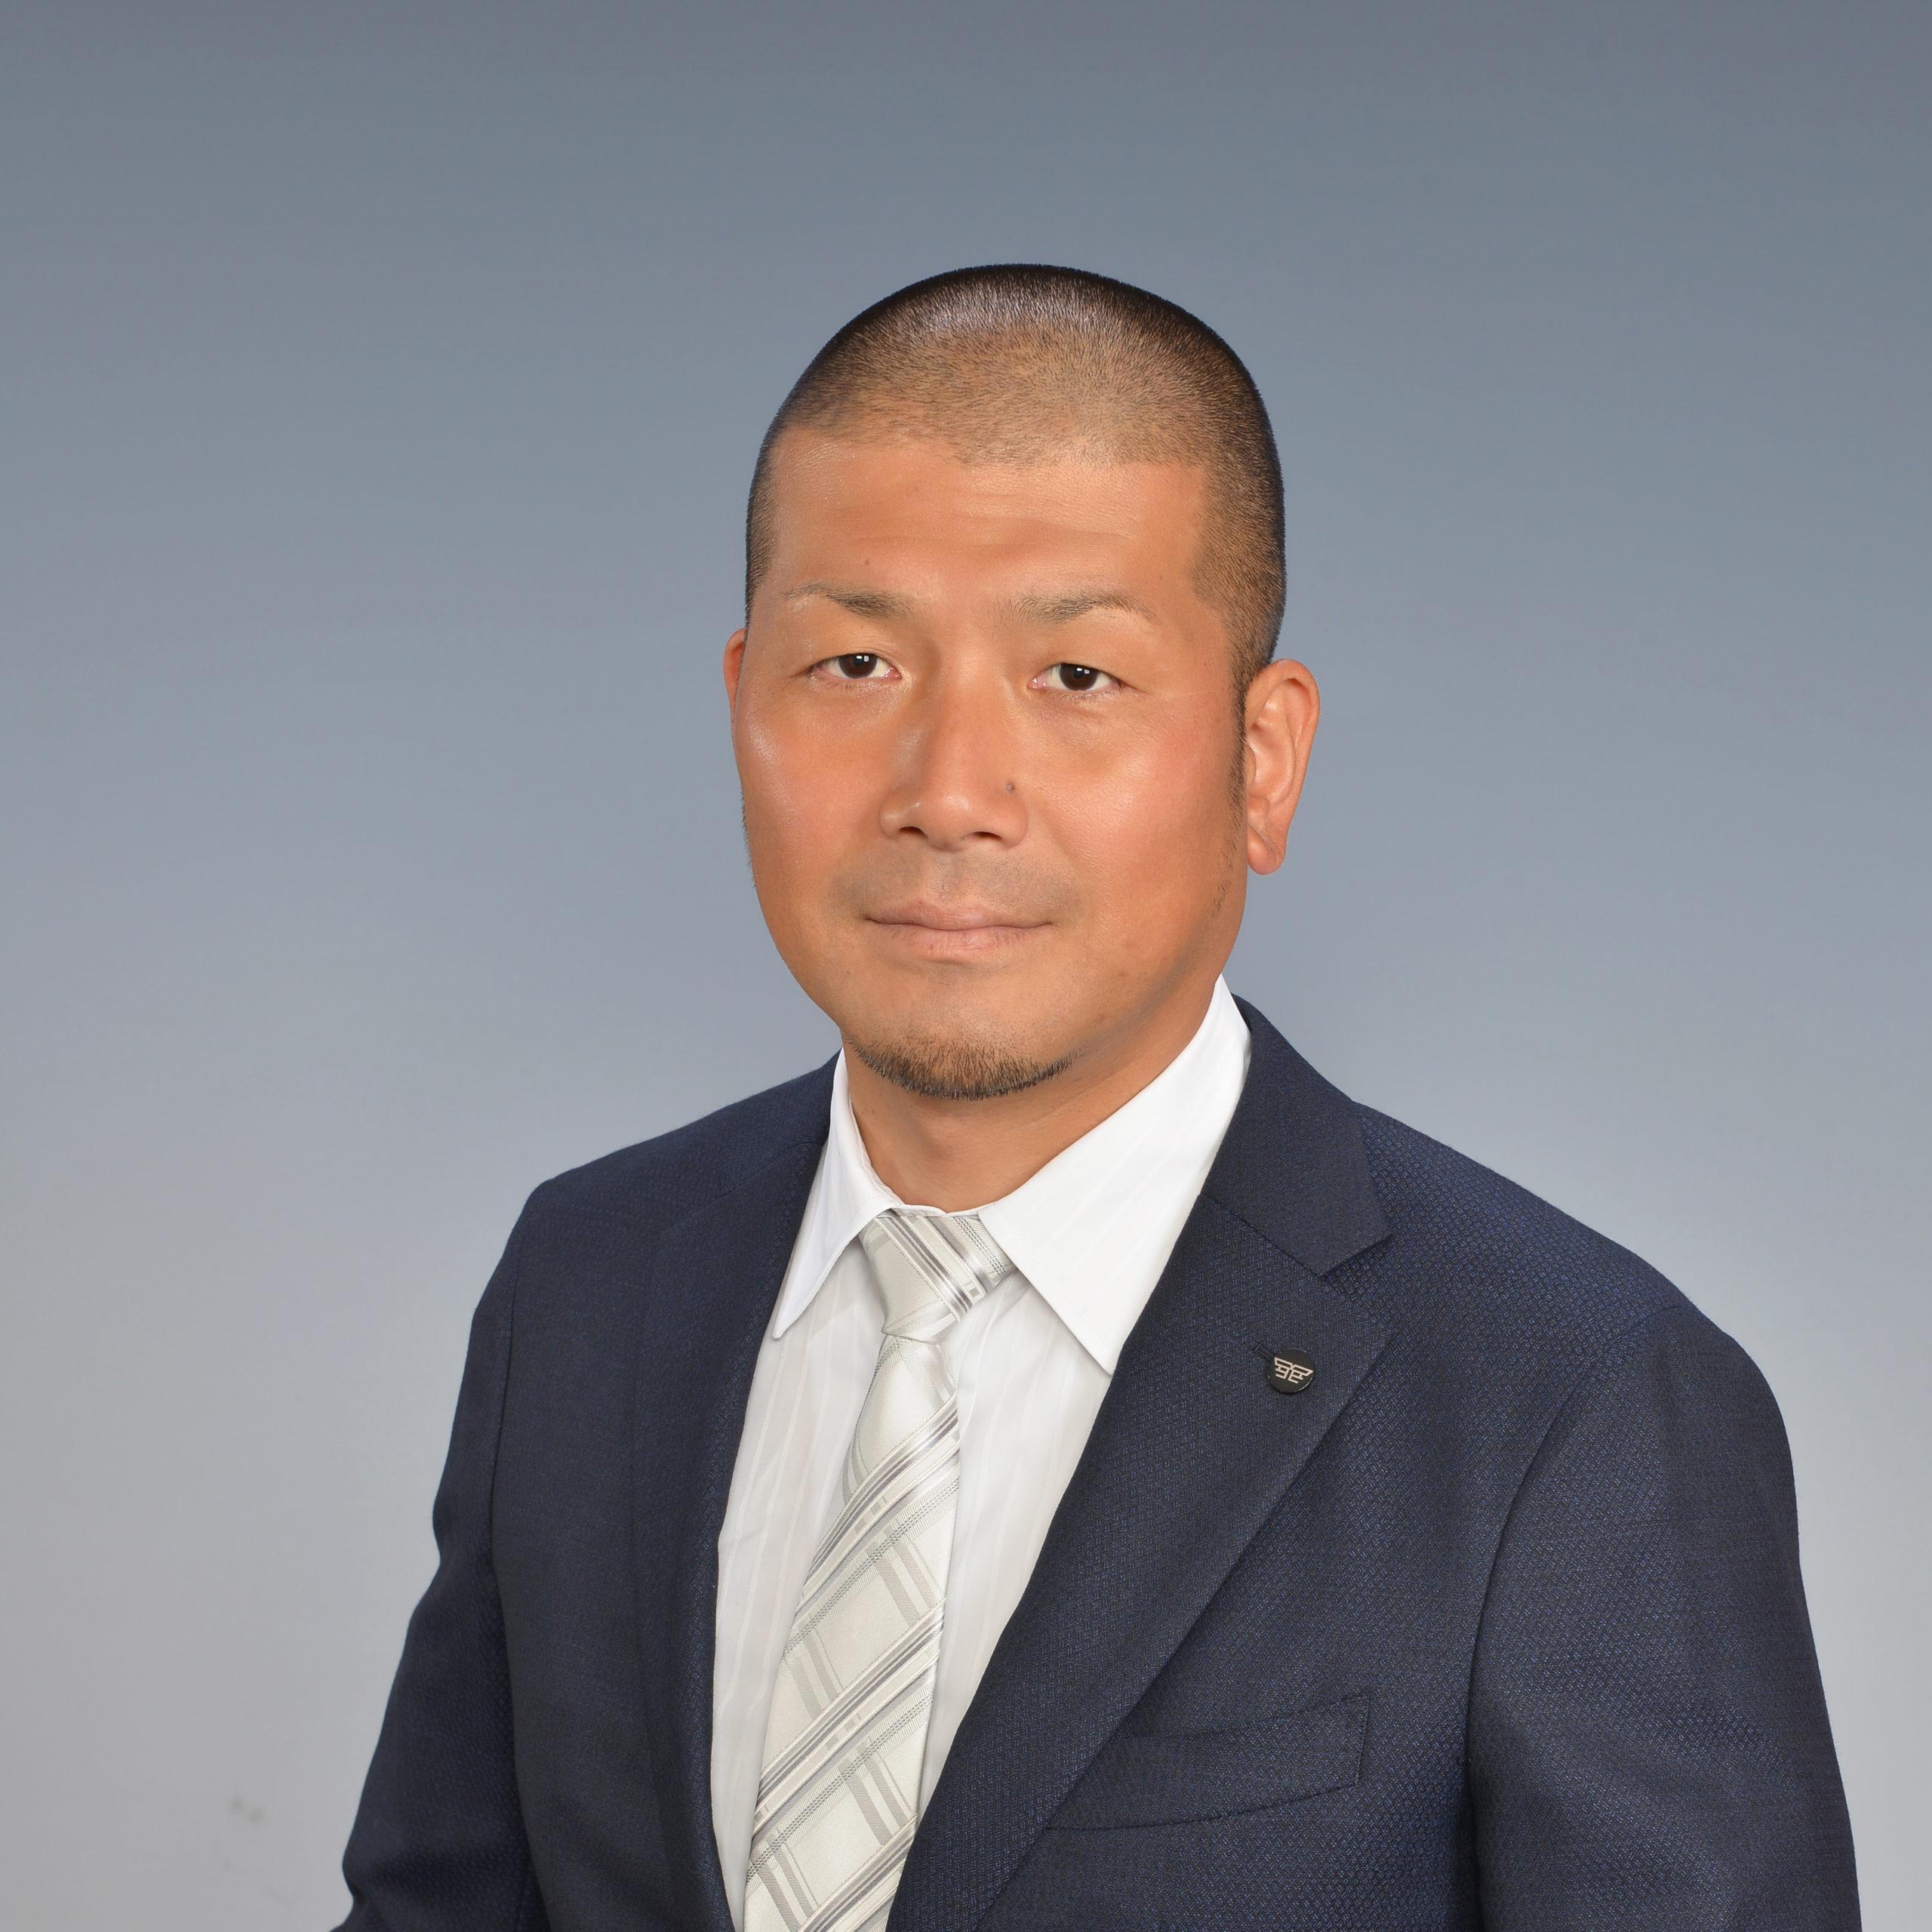 Kengo Hiratani